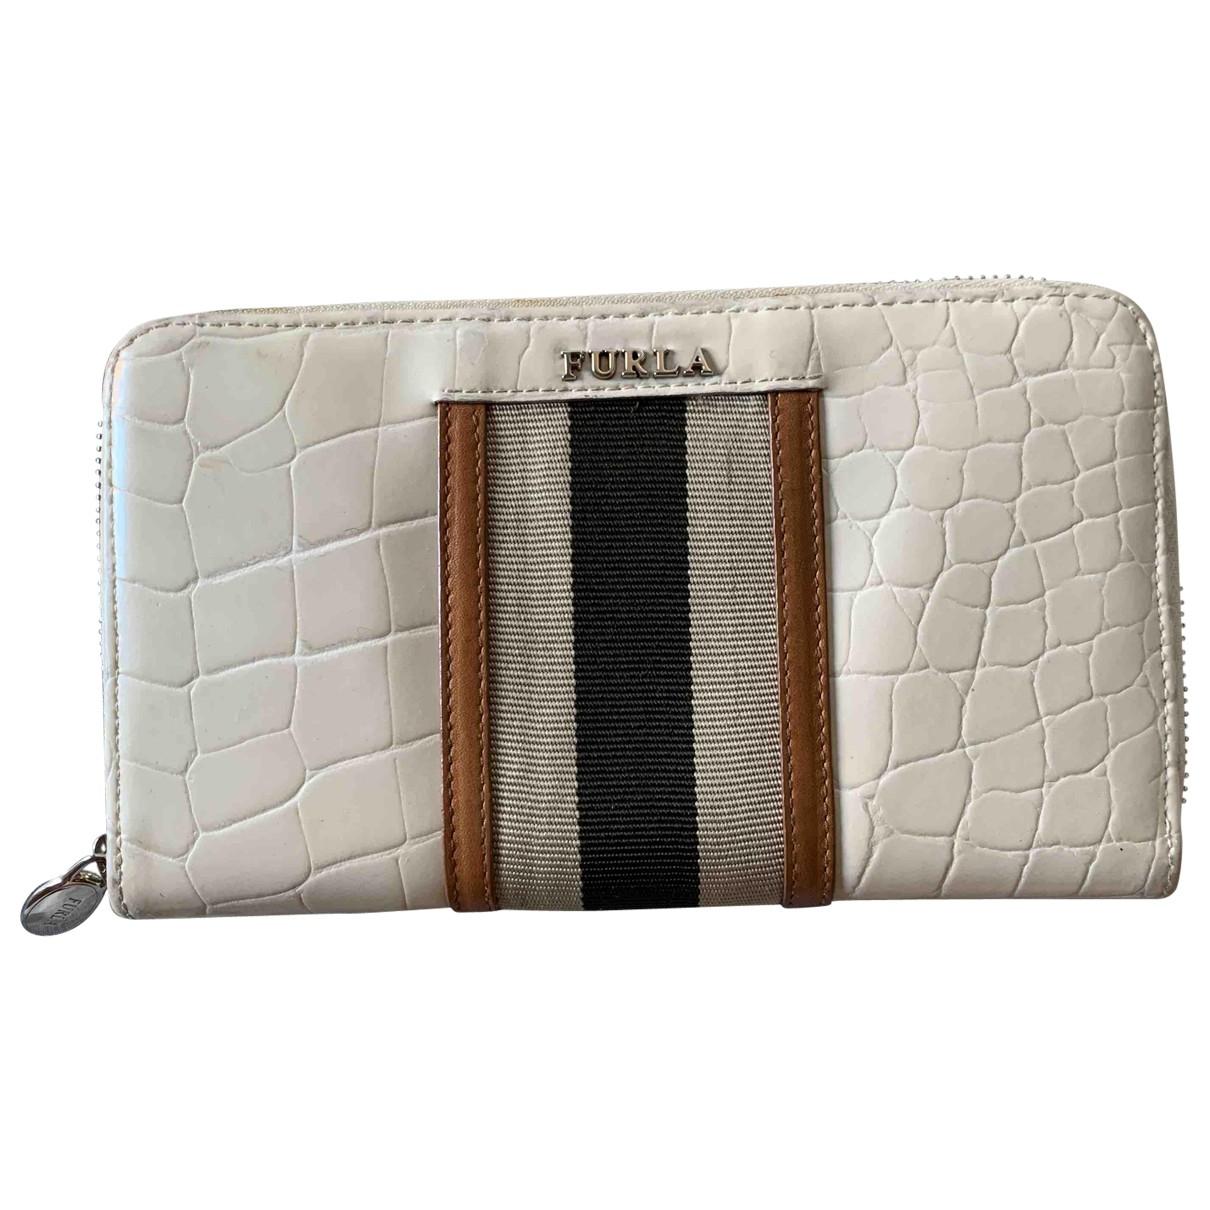 Furla \N White wallet for Women \N